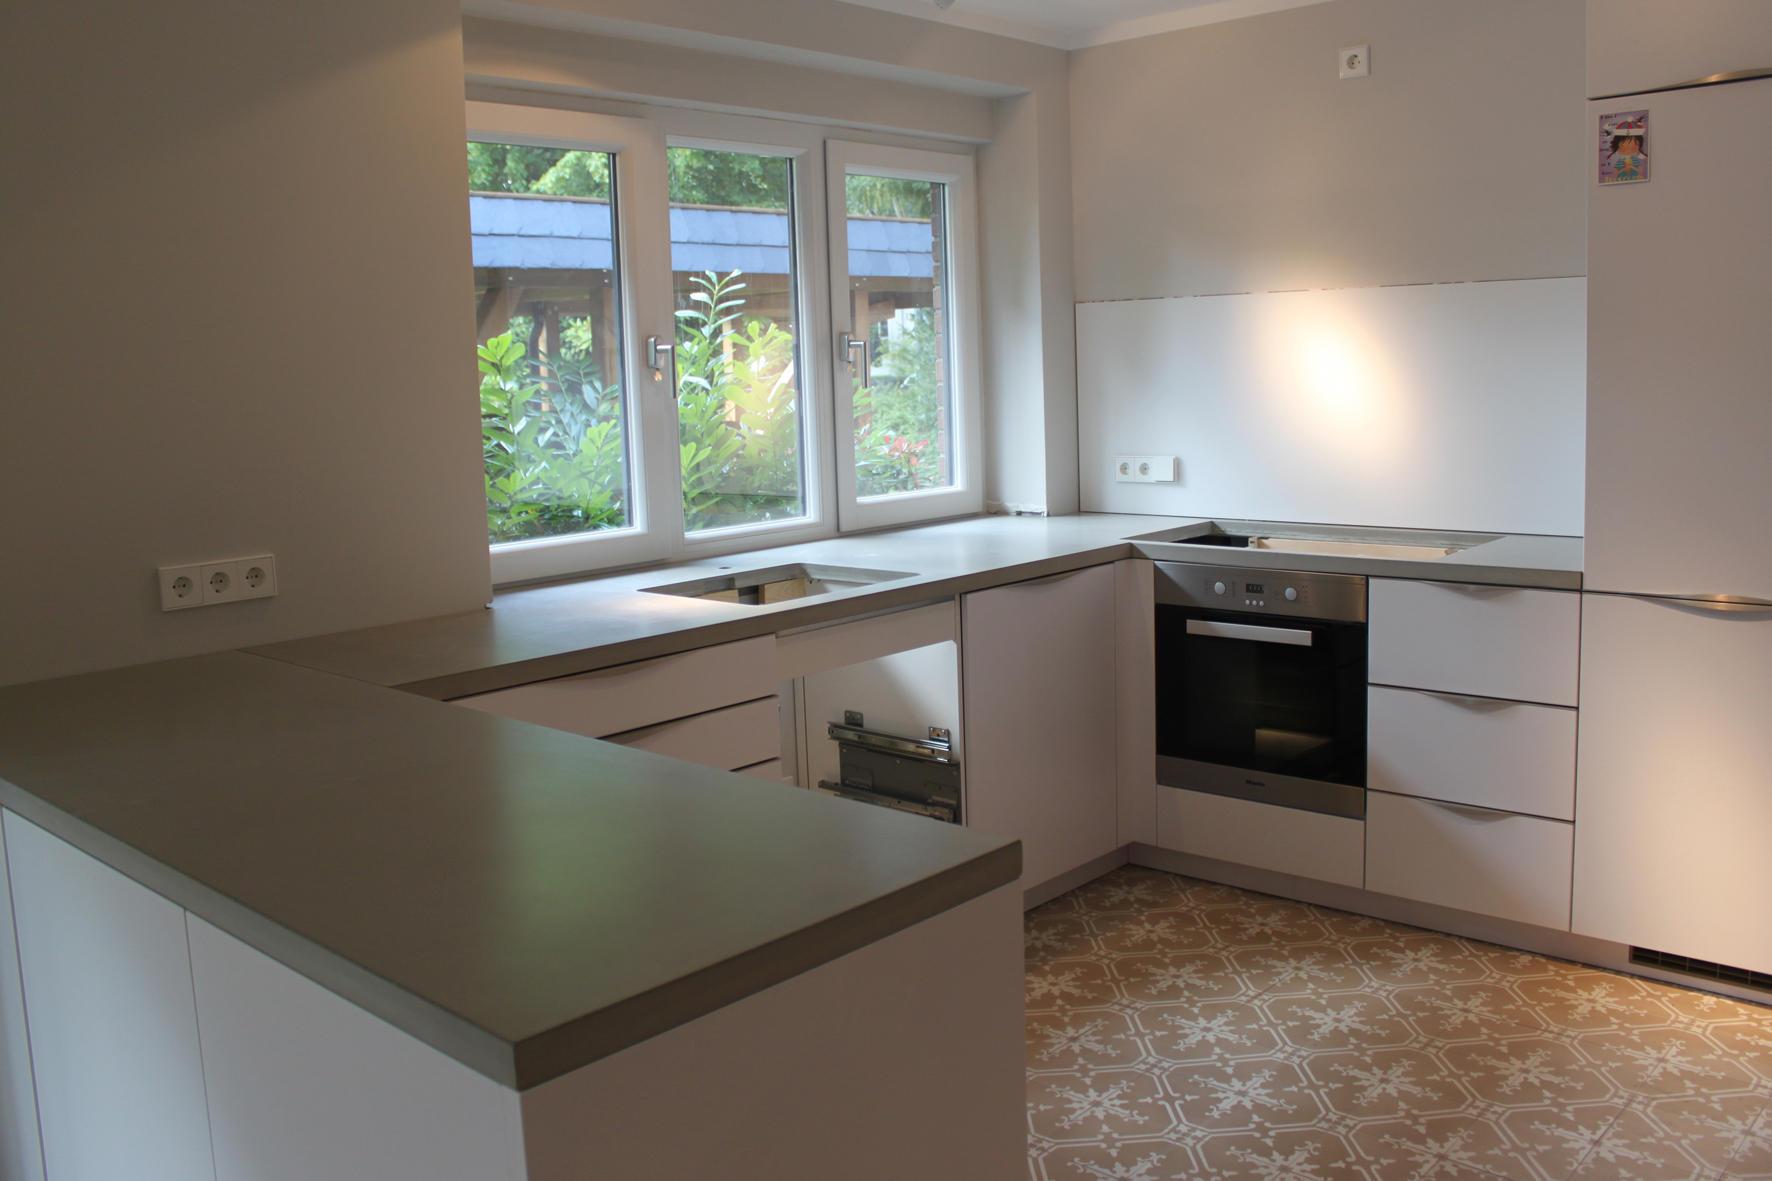 betonk che i sichtbeton arbeitsplatte k chenarbeitsfl chen von concrete home design. Black Bedroom Furniture Sets. Home Design Ideas